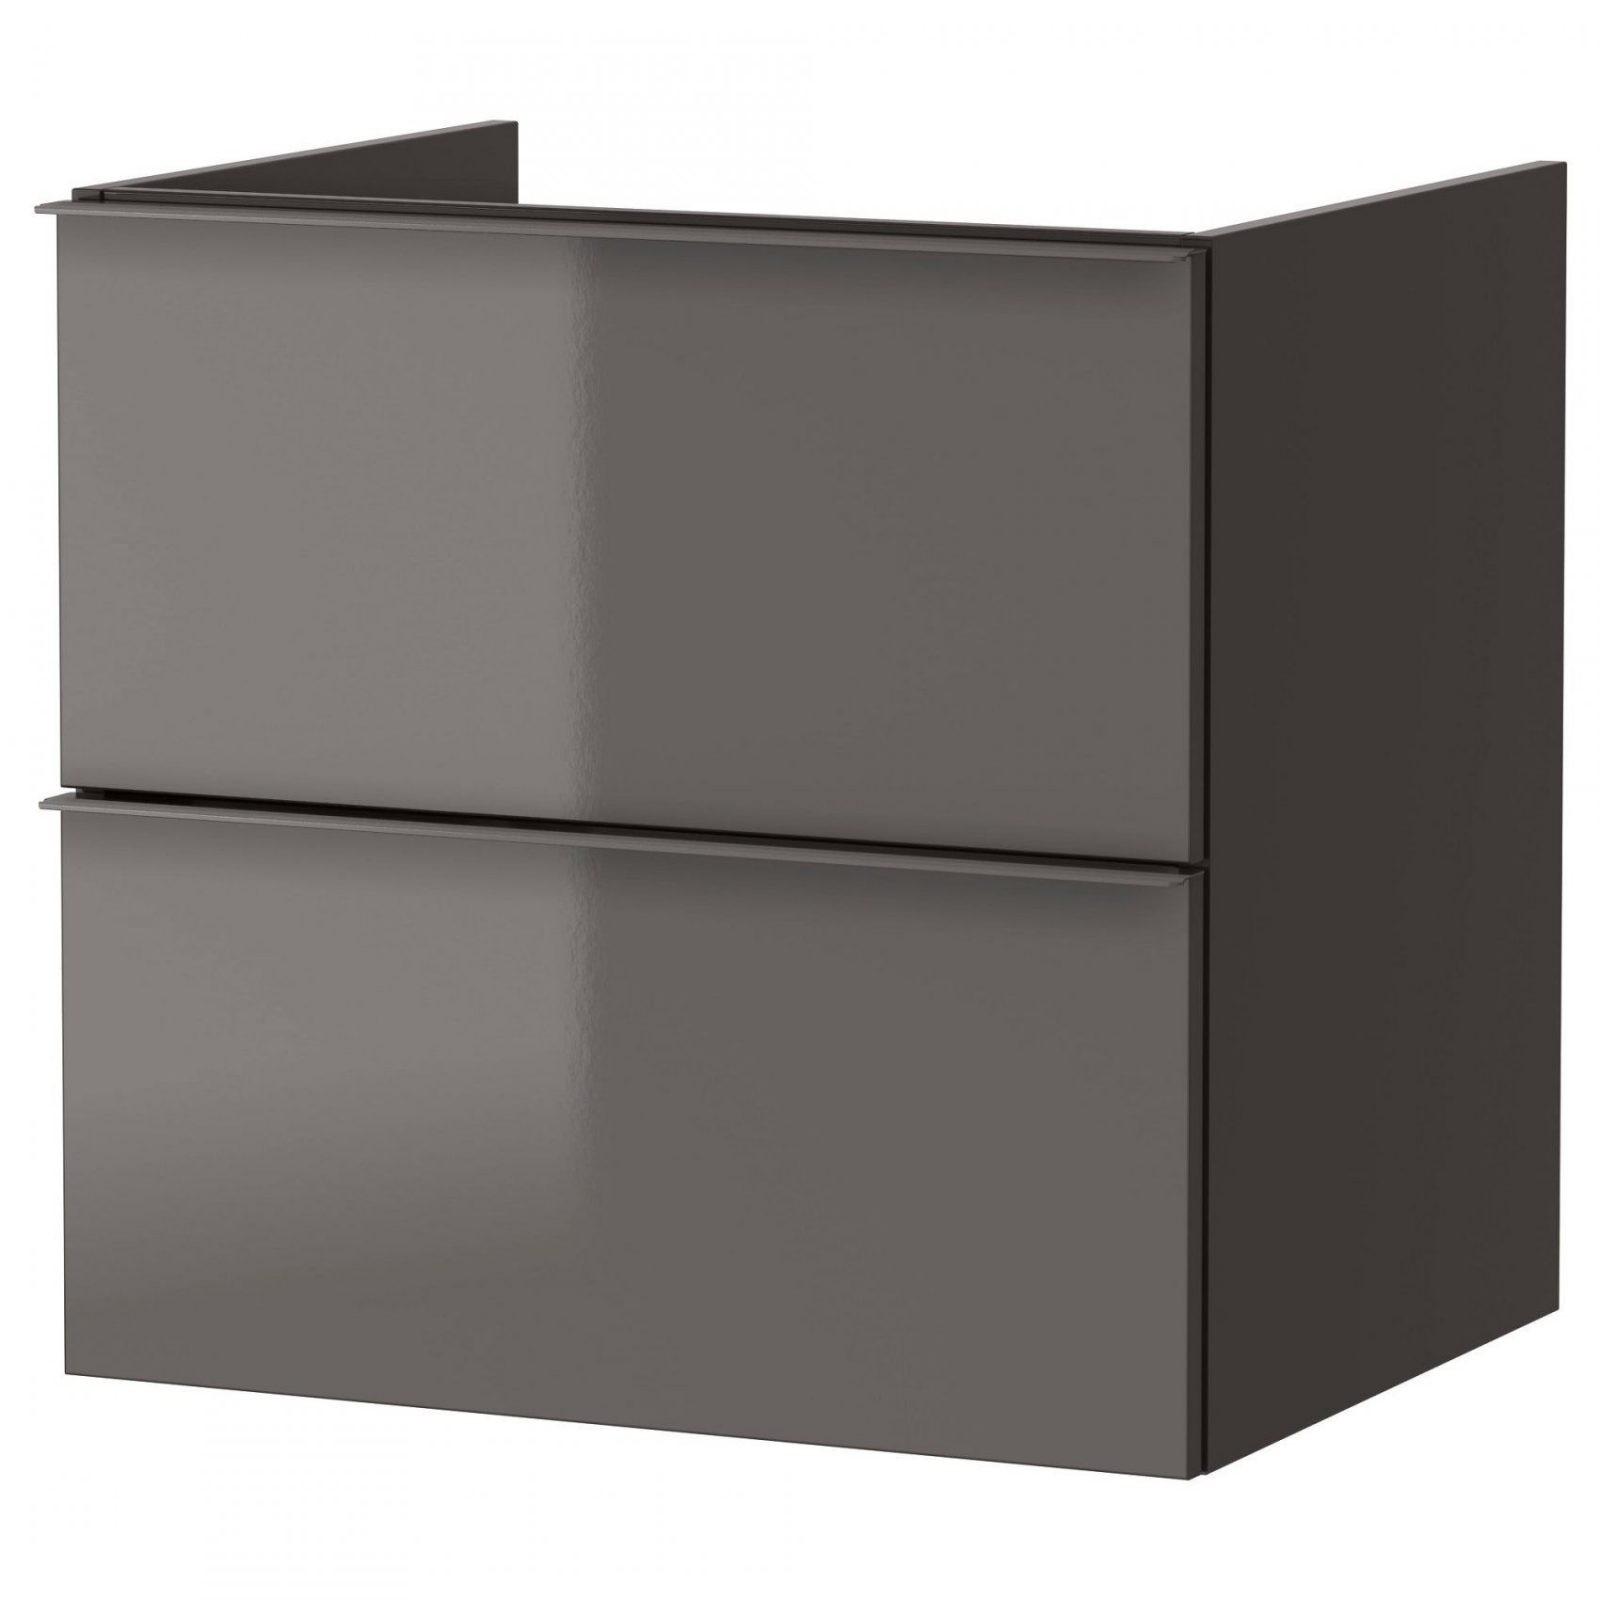 Godmorgon Kast Voor Wastafel Met 2 Lades Hoogglans Grijs 60X47X58 Cm von Spülenunterschrank 50 Cm Ikea Bild